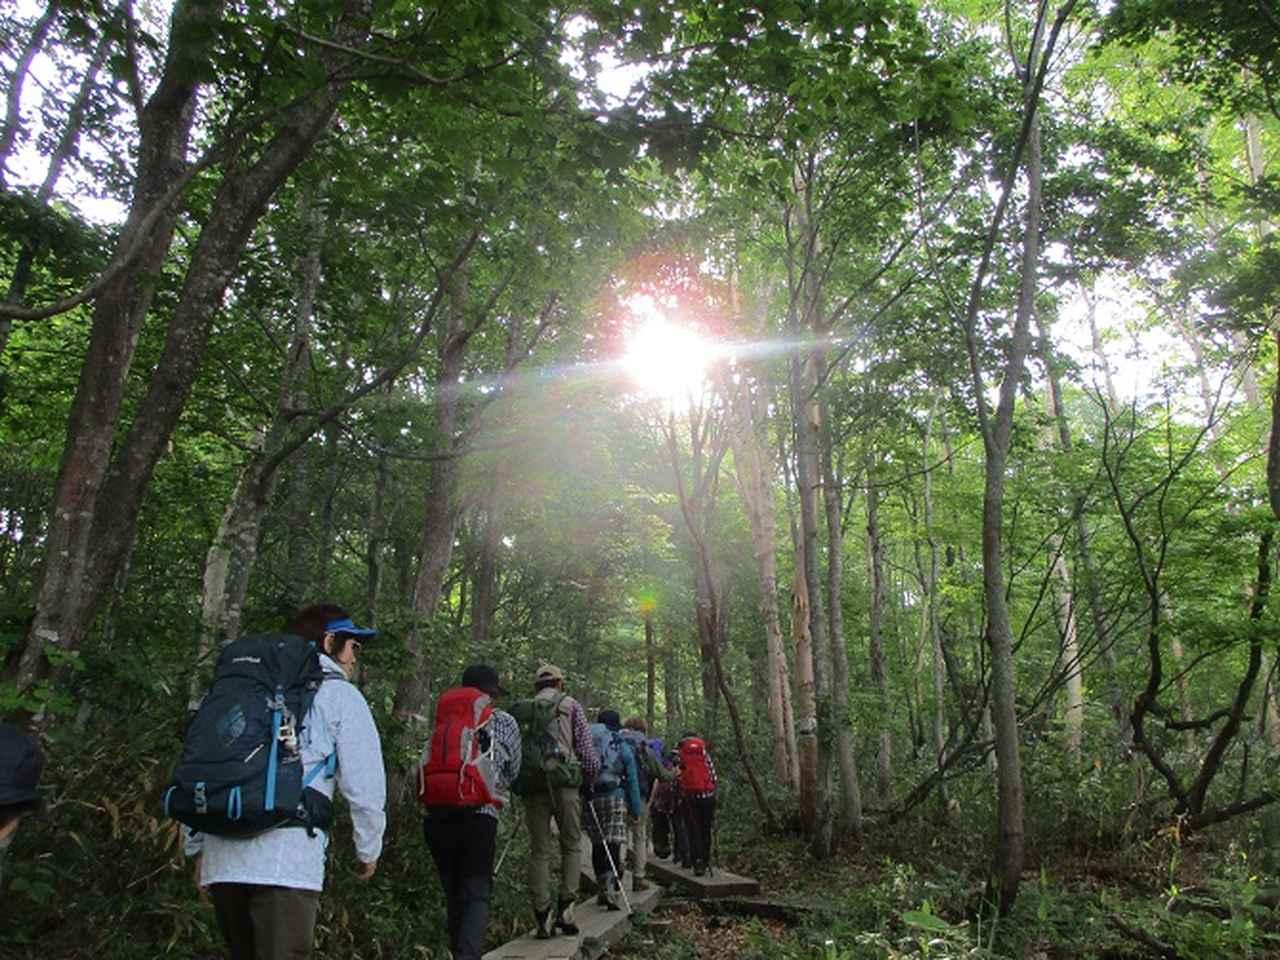 画像2: 6月20日から山旅会 「尾瀬ヶ原から尾瀬沼」 ツアーに行ってきました!